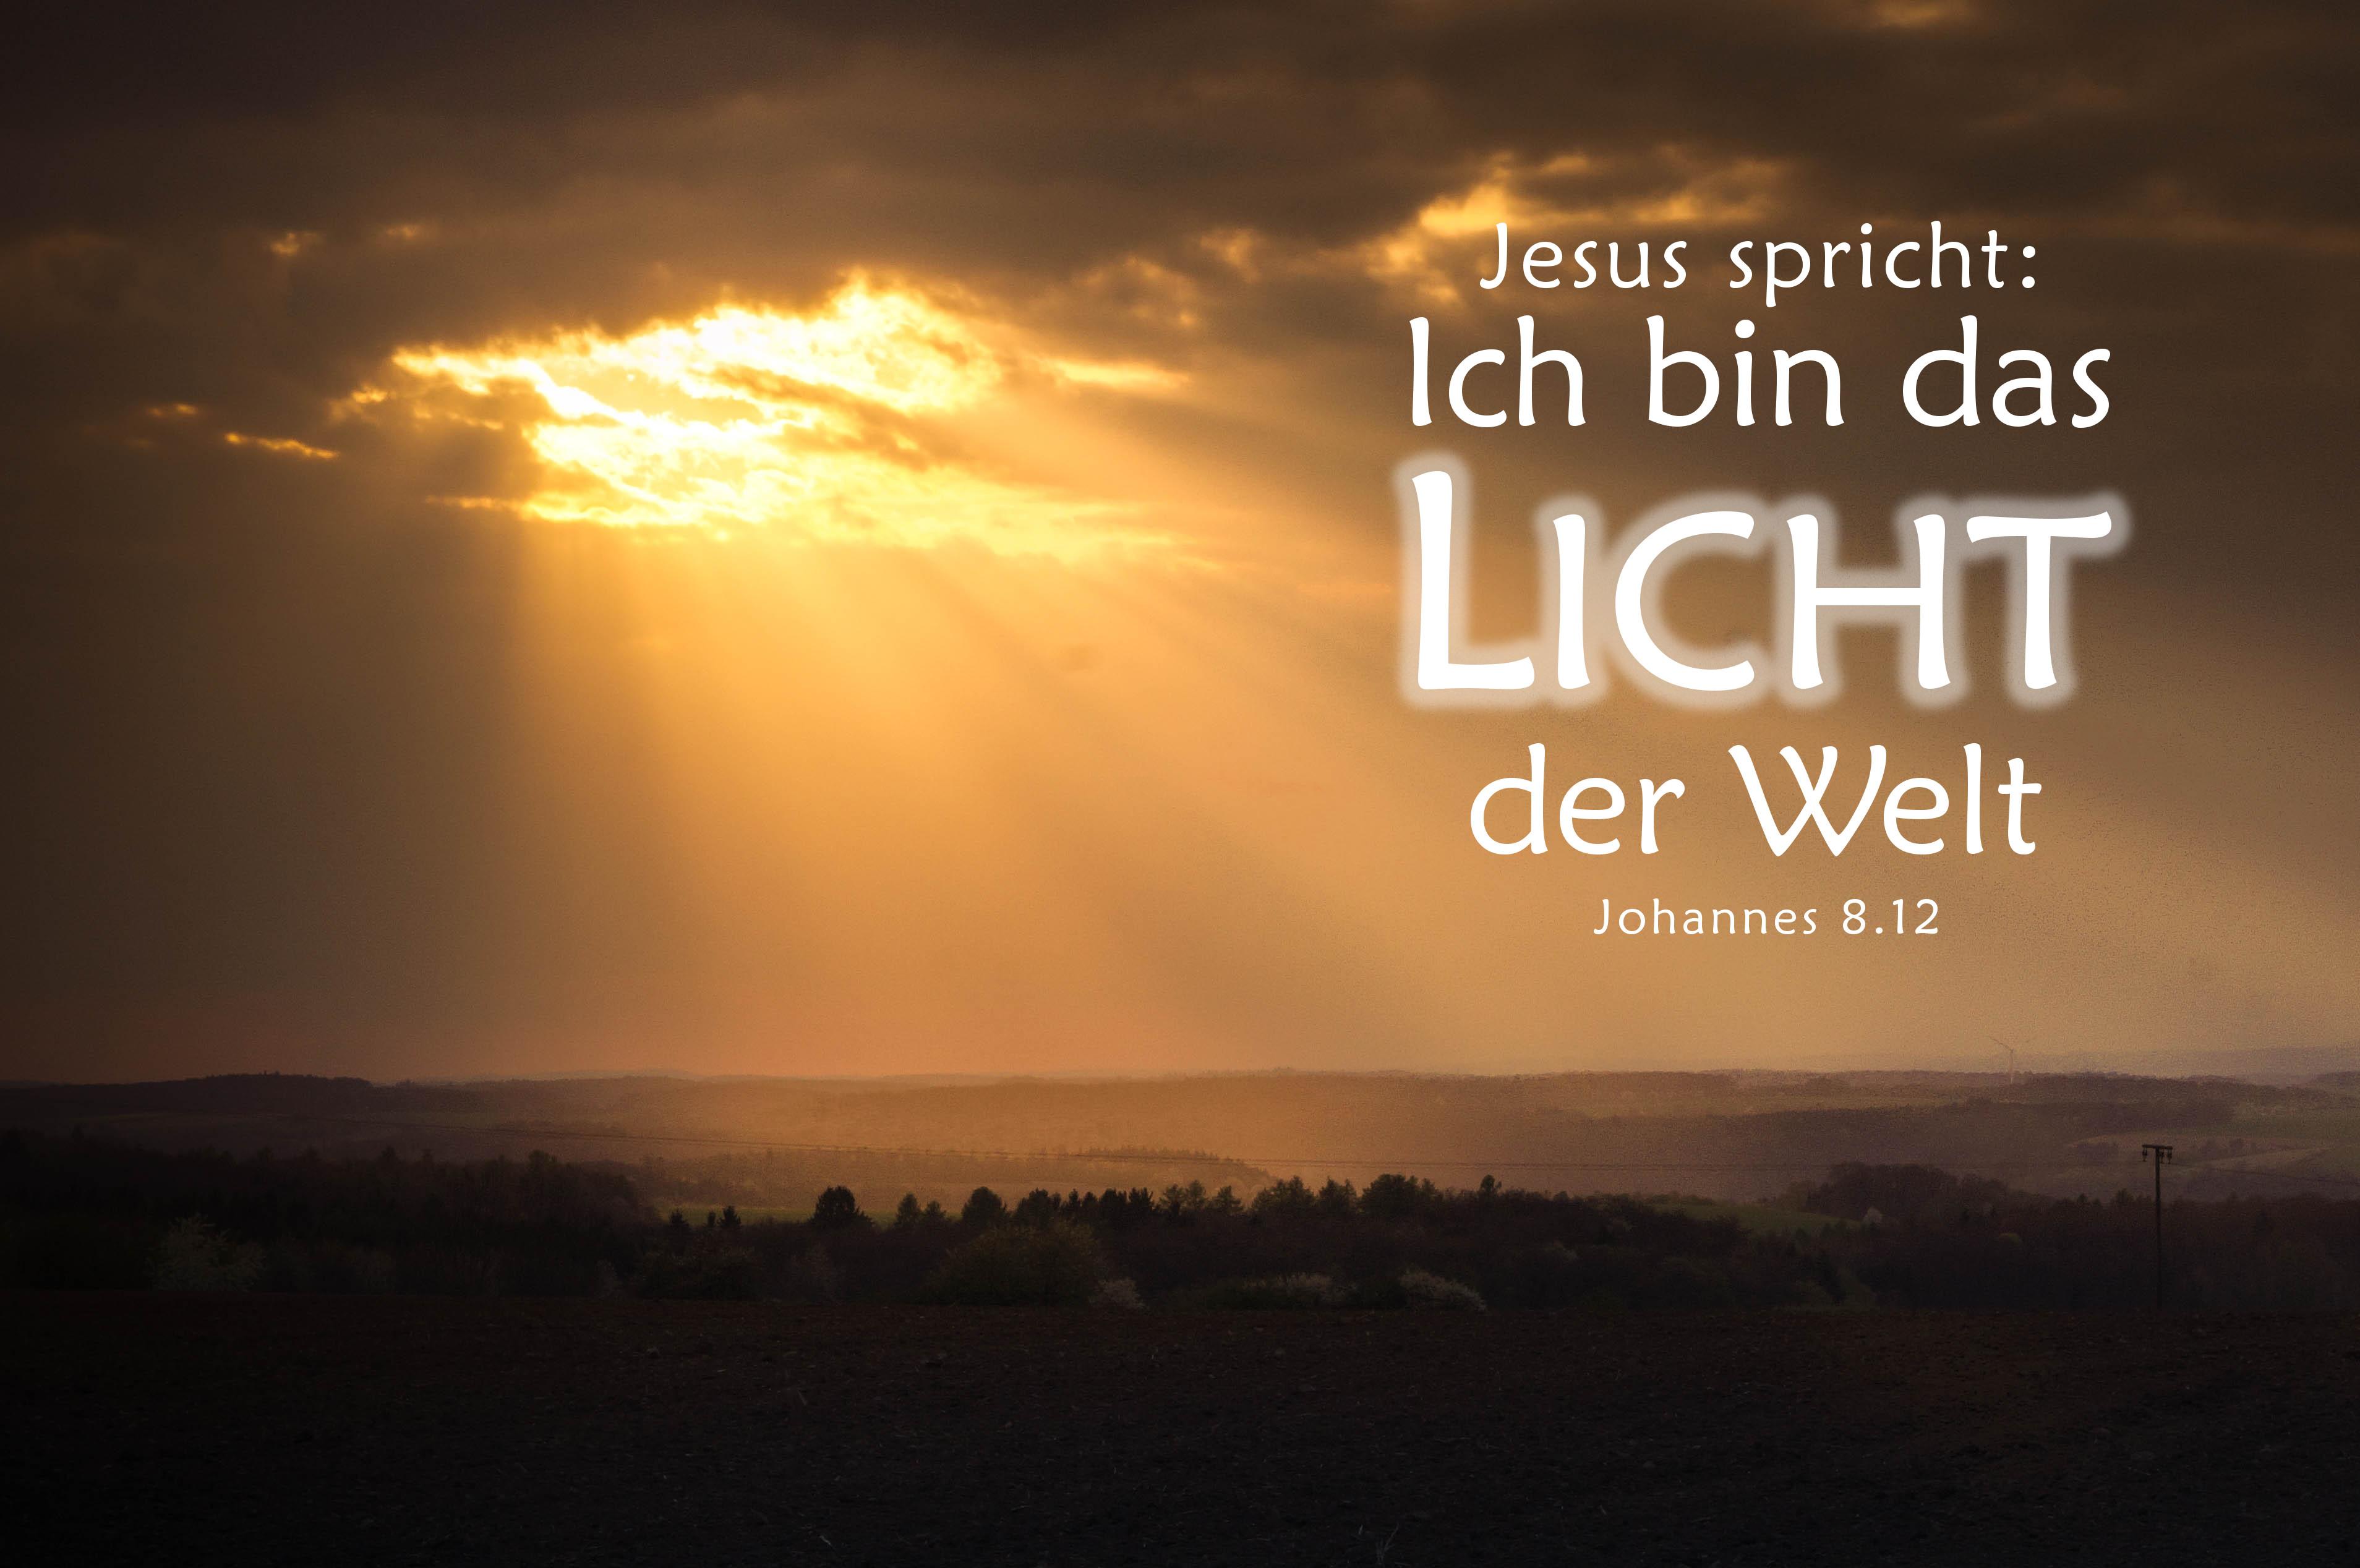 Ich Bin Das Licht Der Welt  Jesus ist das Licht der Welt Wallpaper – Gladium spiritus